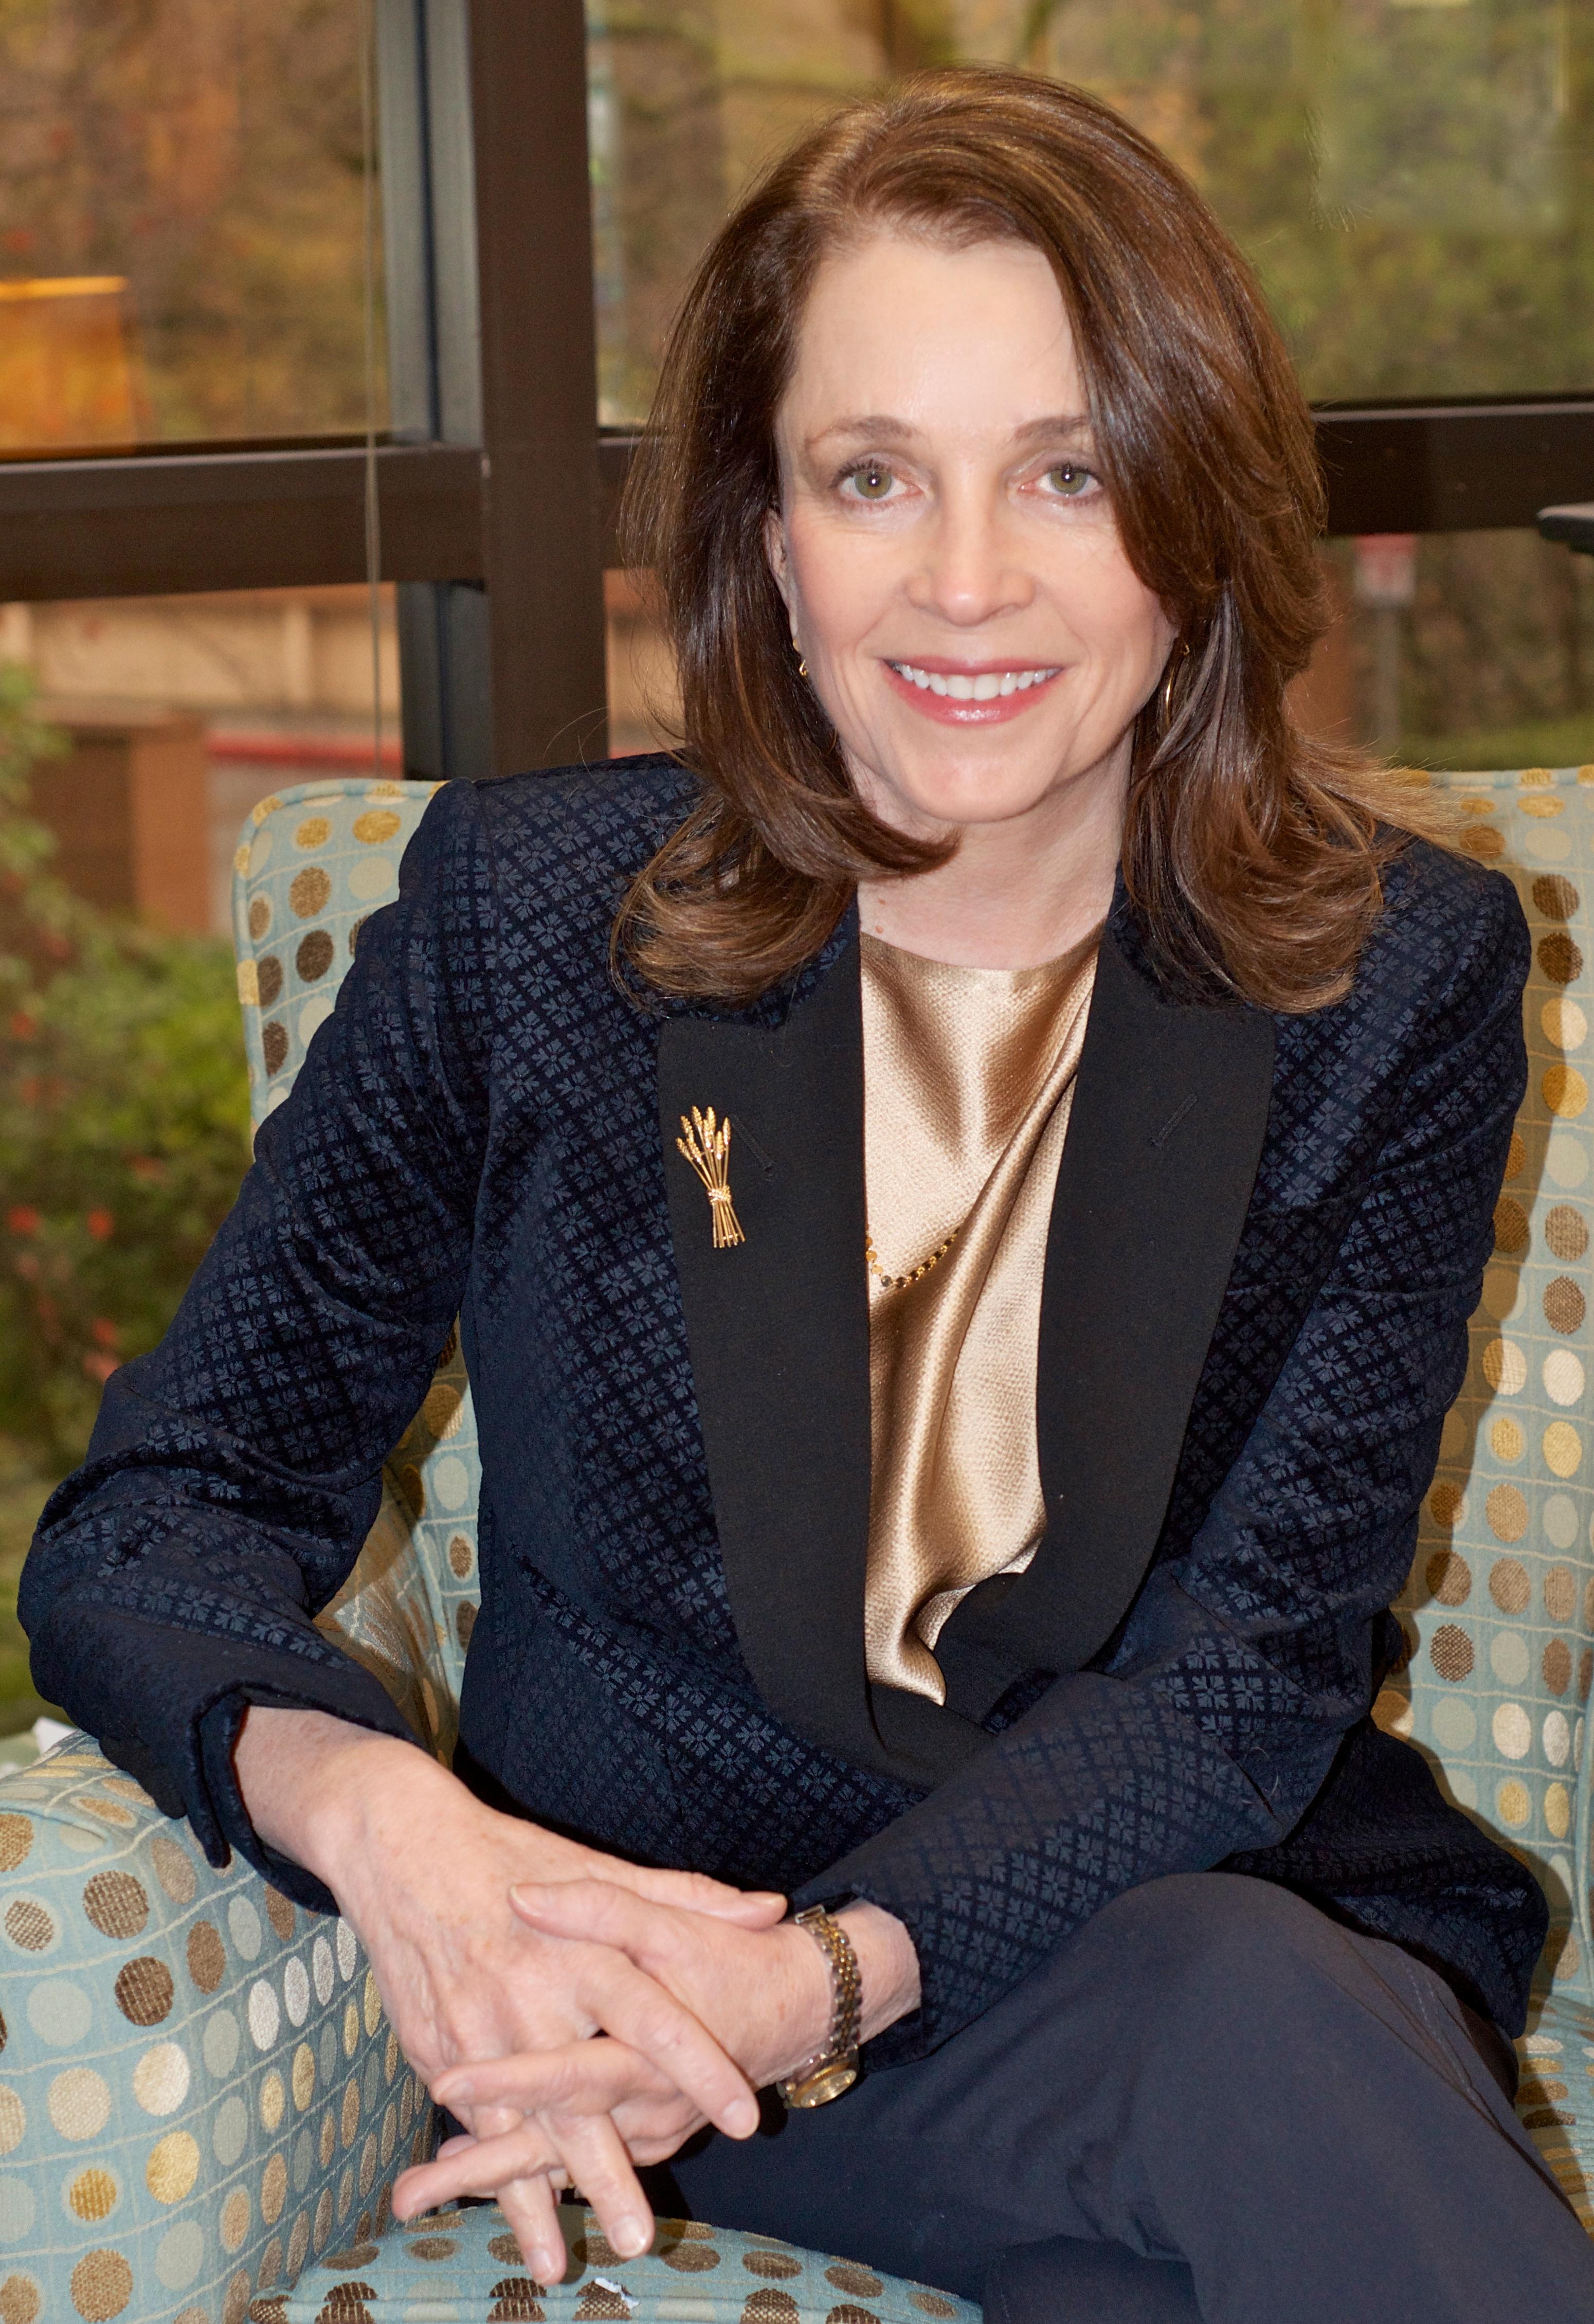 Susan J O'Grady, PhD